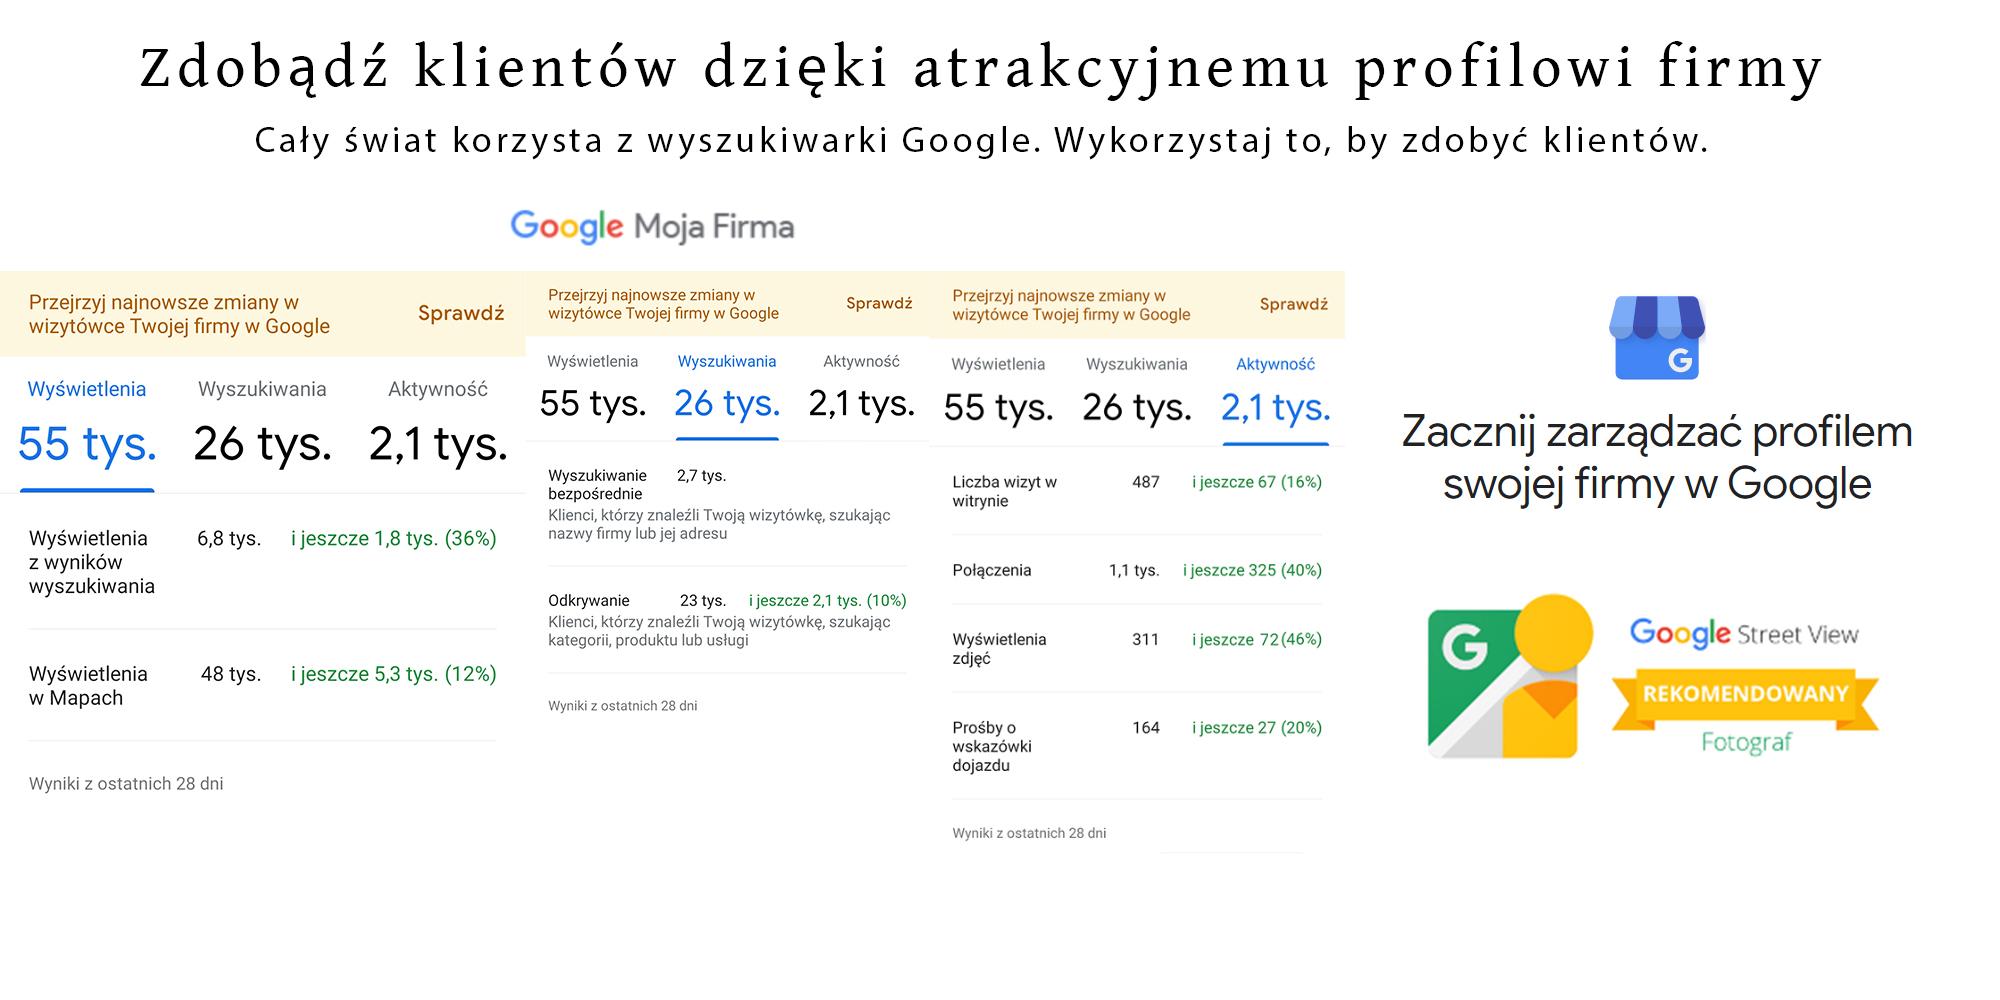 Wizytówka w mapach Google jest najlepszym sposobem promocji w Internecie